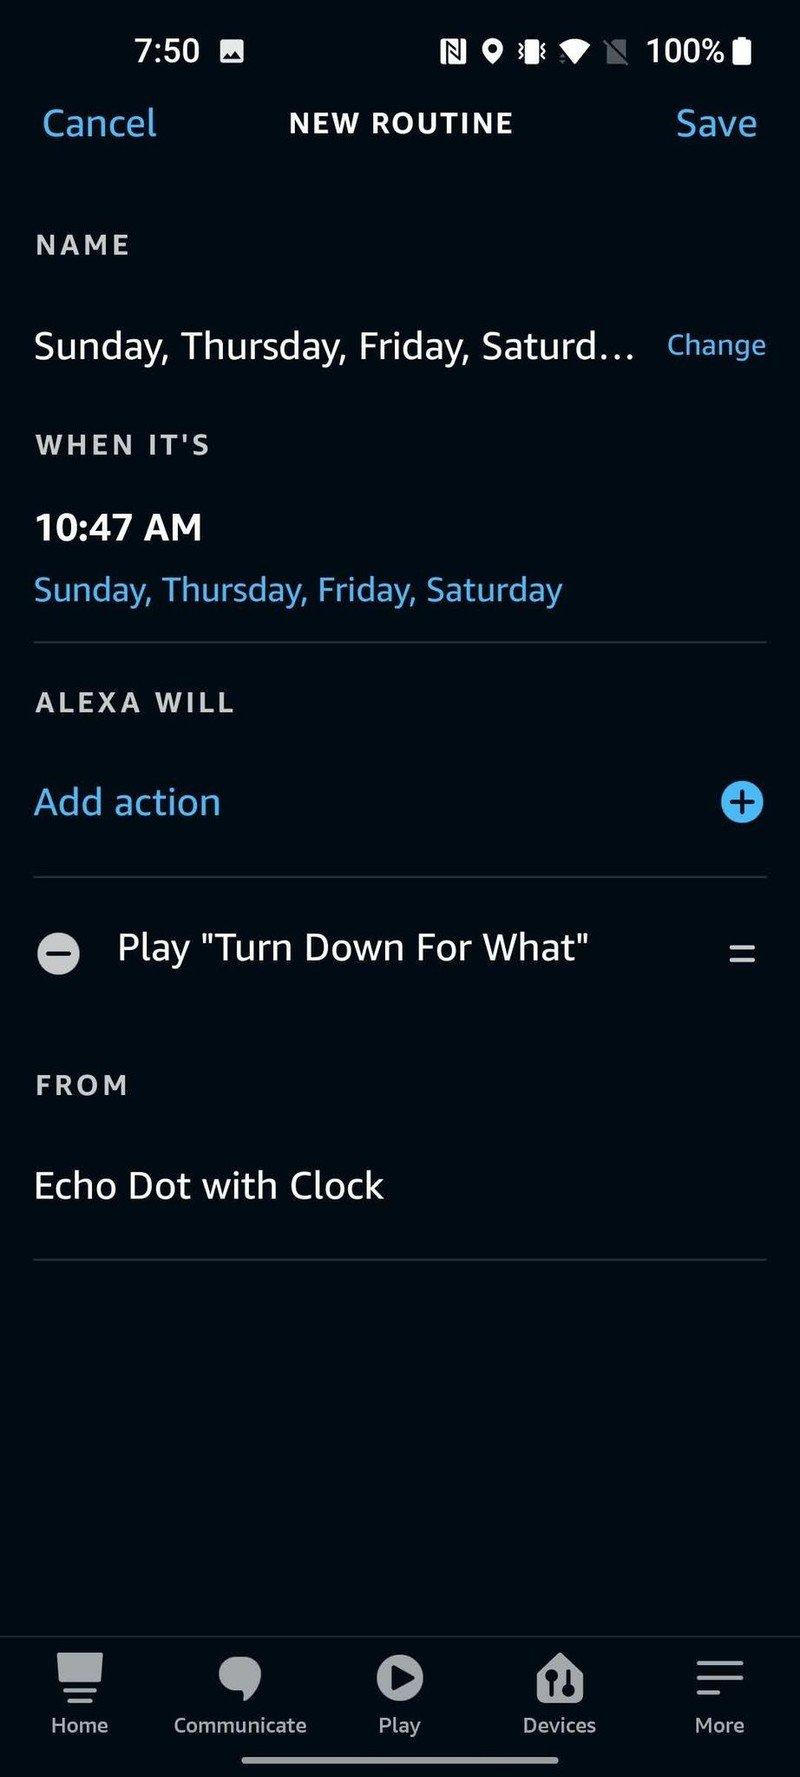 how-to-automate-routine-amazon-alexa-ech